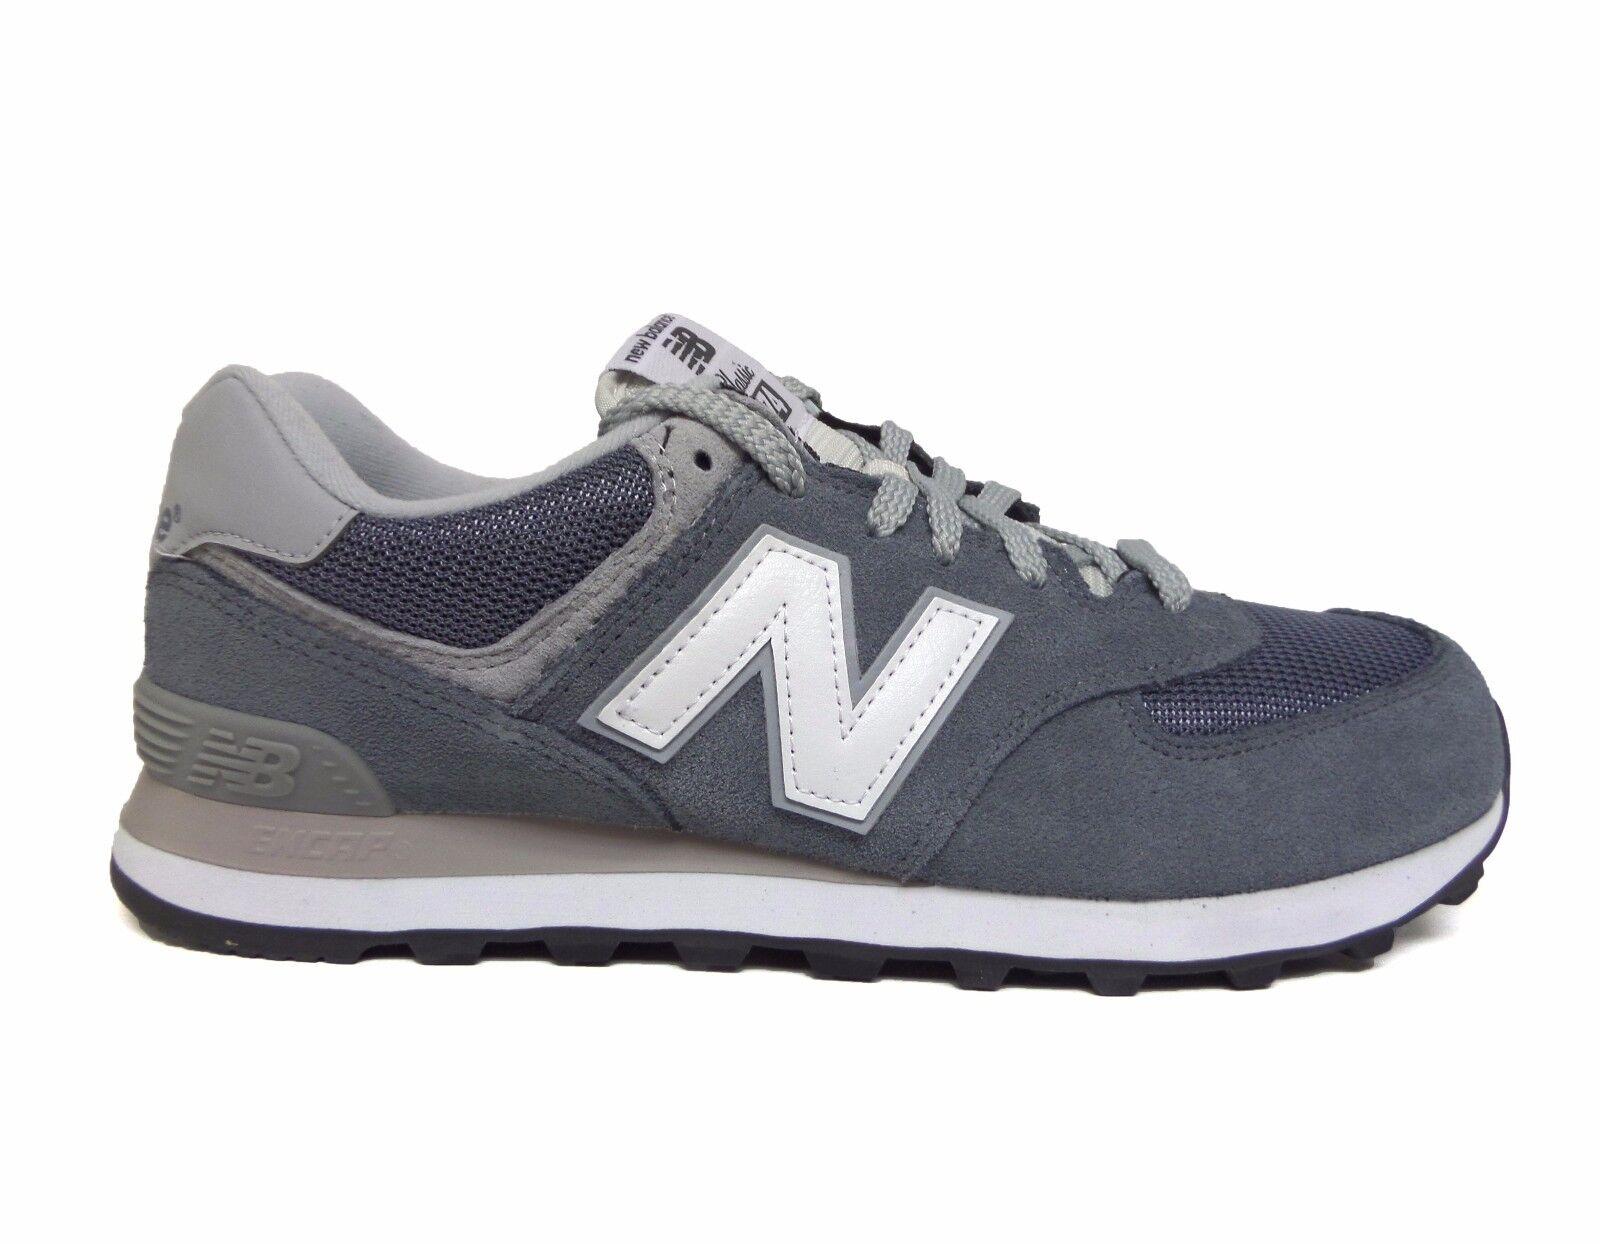 New Balance 574 zapatillas gris los estilo de vida de los gris hombres ml574via un 27575c